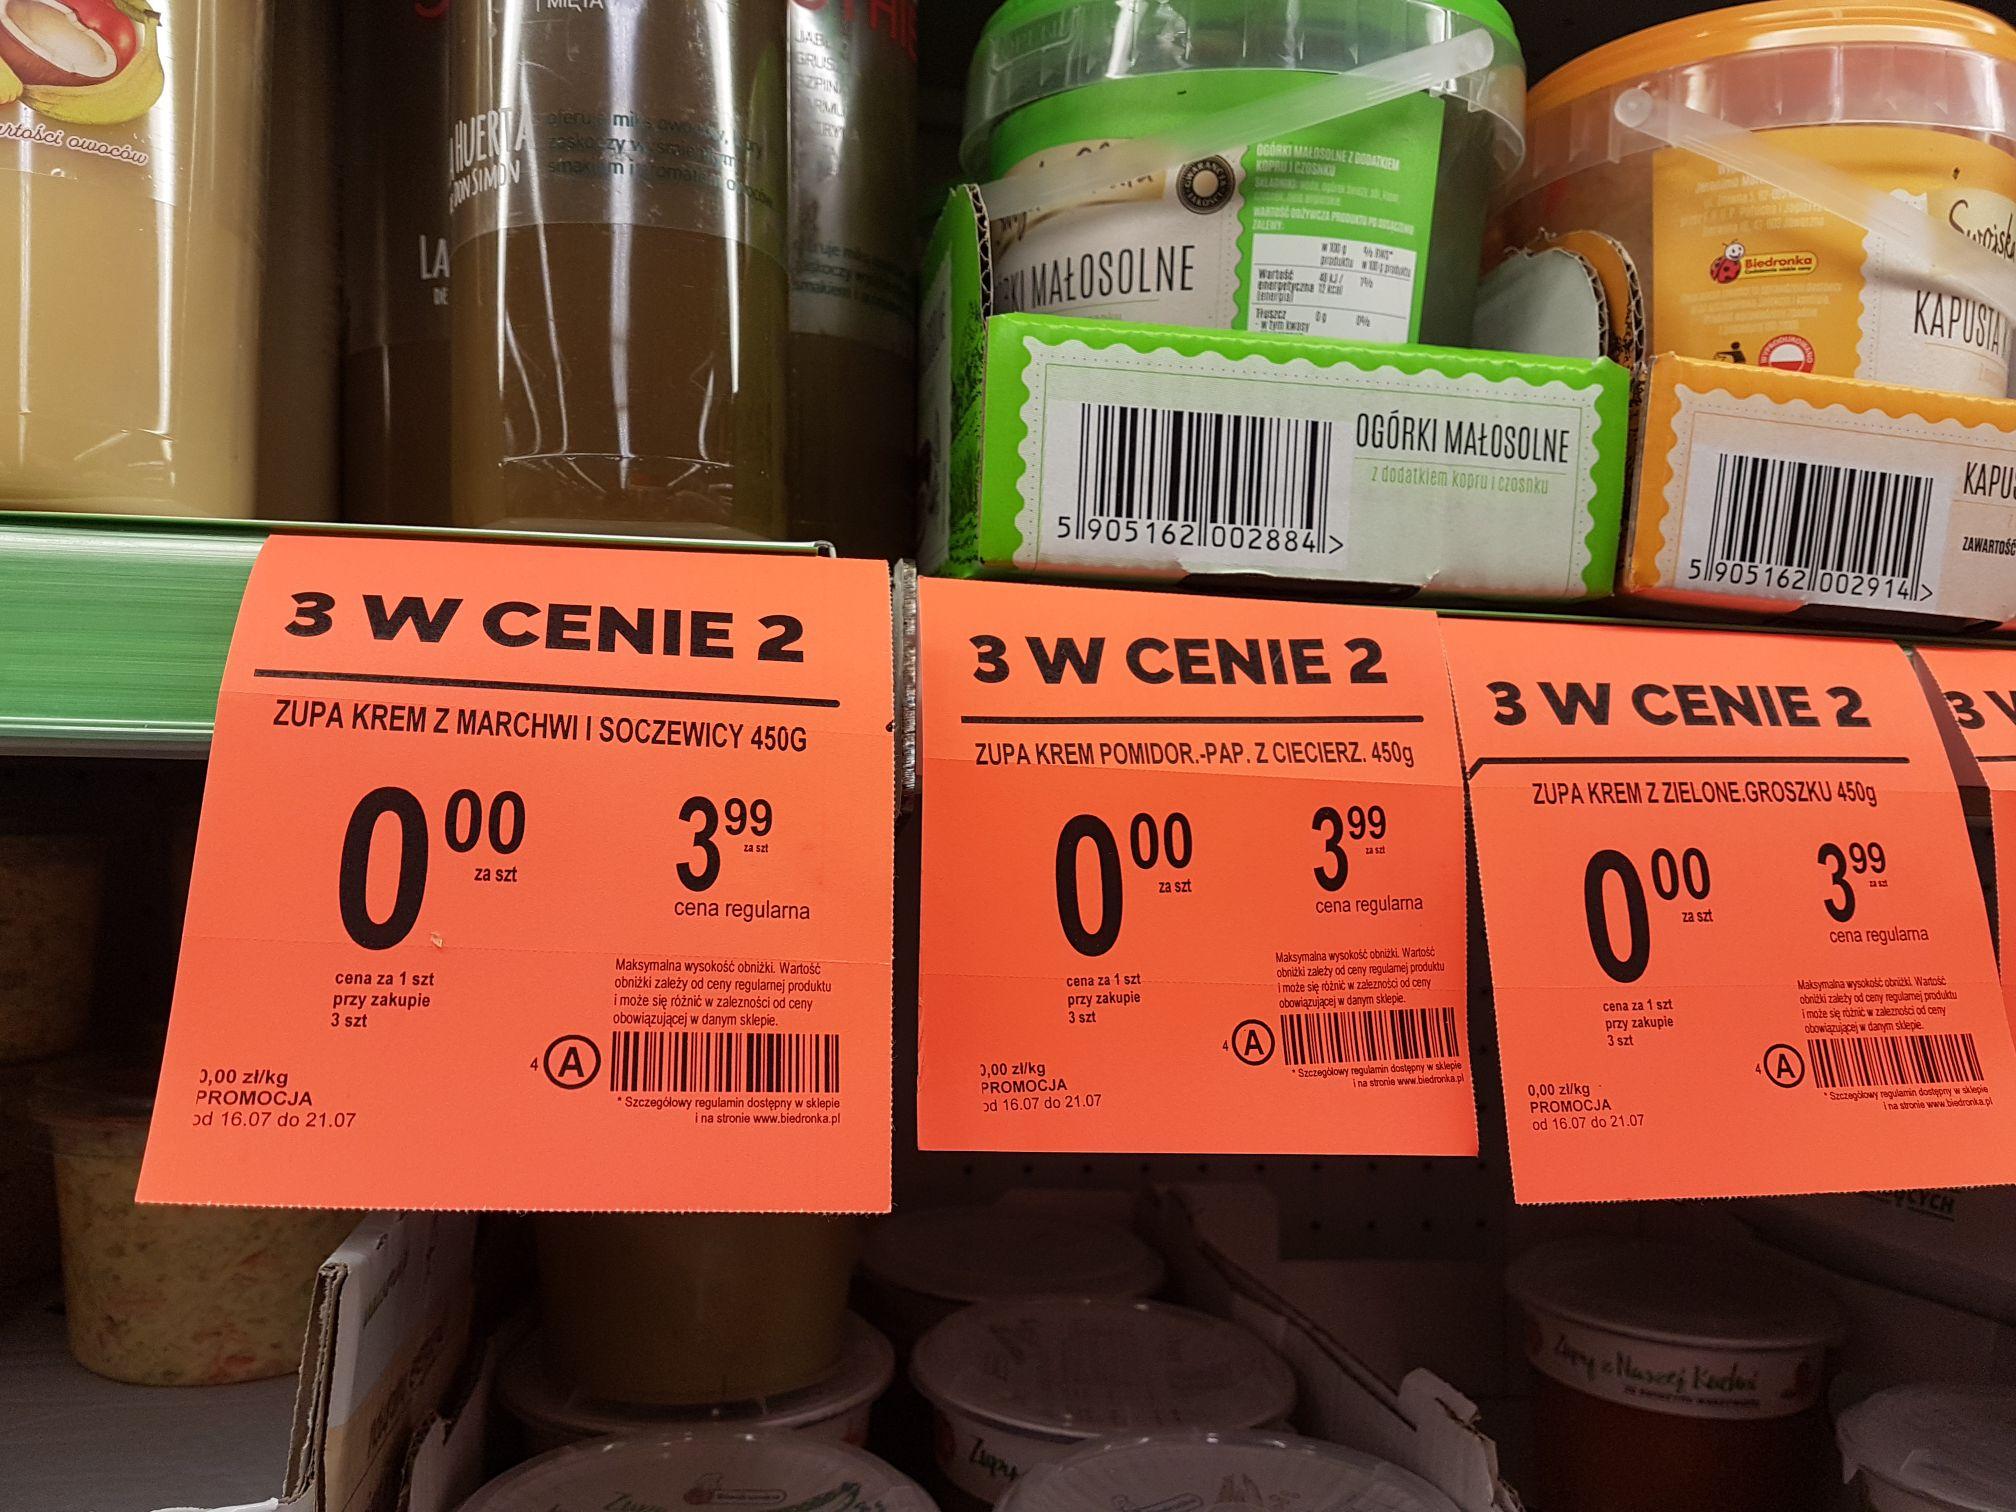 Darmowe zupy krem w Biedronce